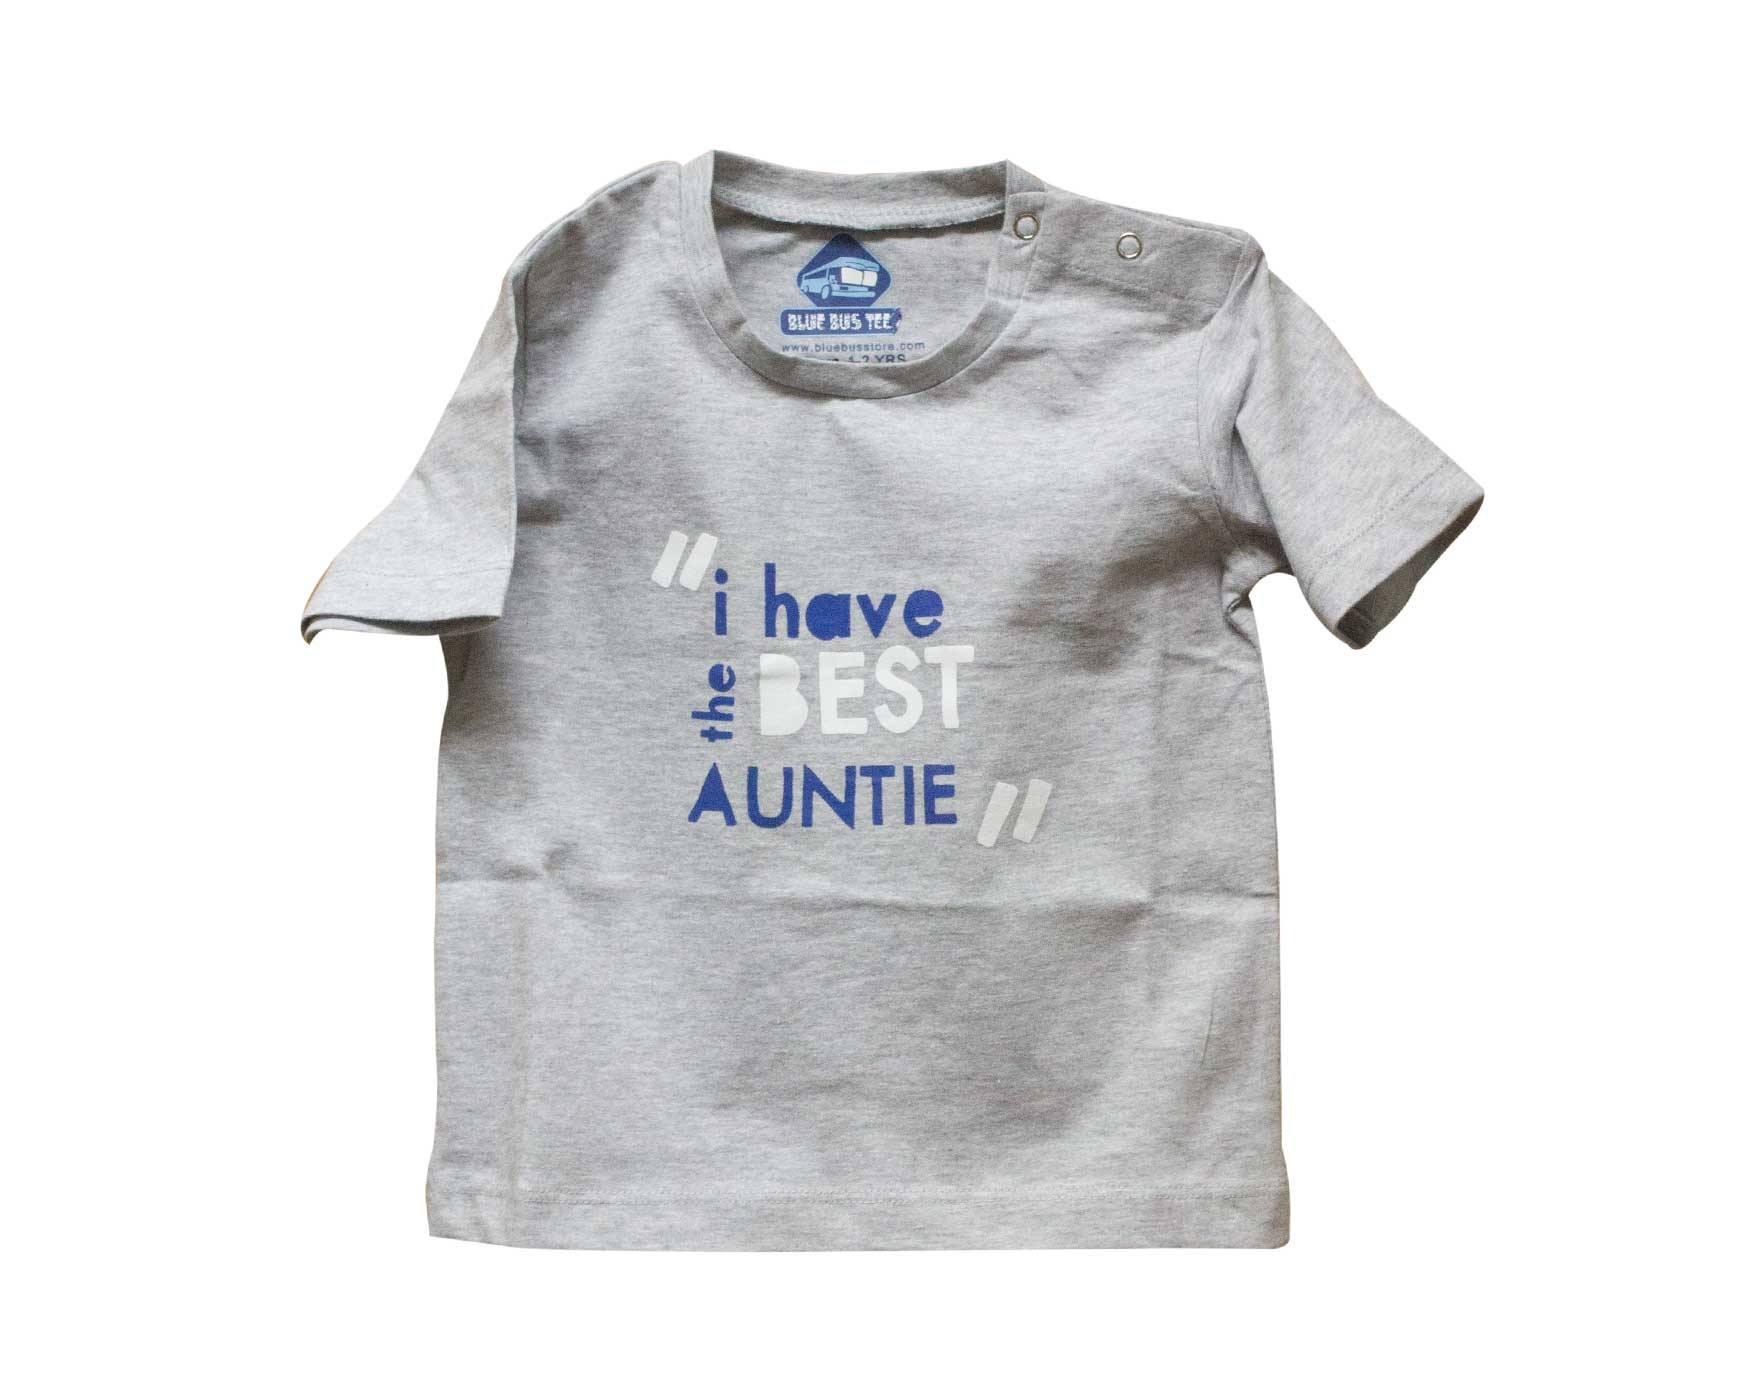 BEST-AUNTY-T-SHIRT-